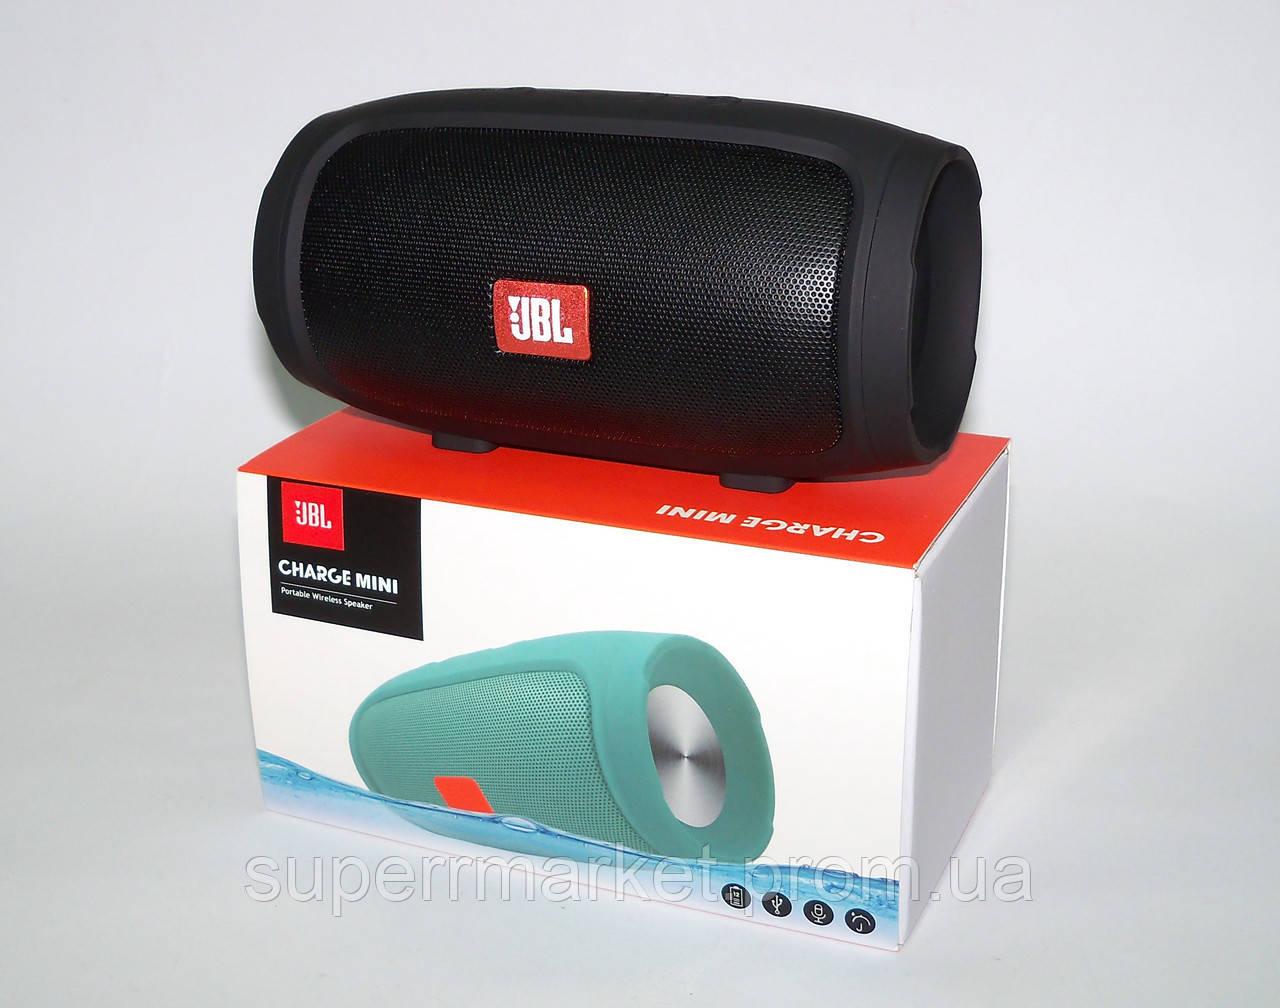 JBL Charge 3 mini E3 J008 3W копия, портативная колонка Bluetooth FM MP3, черная